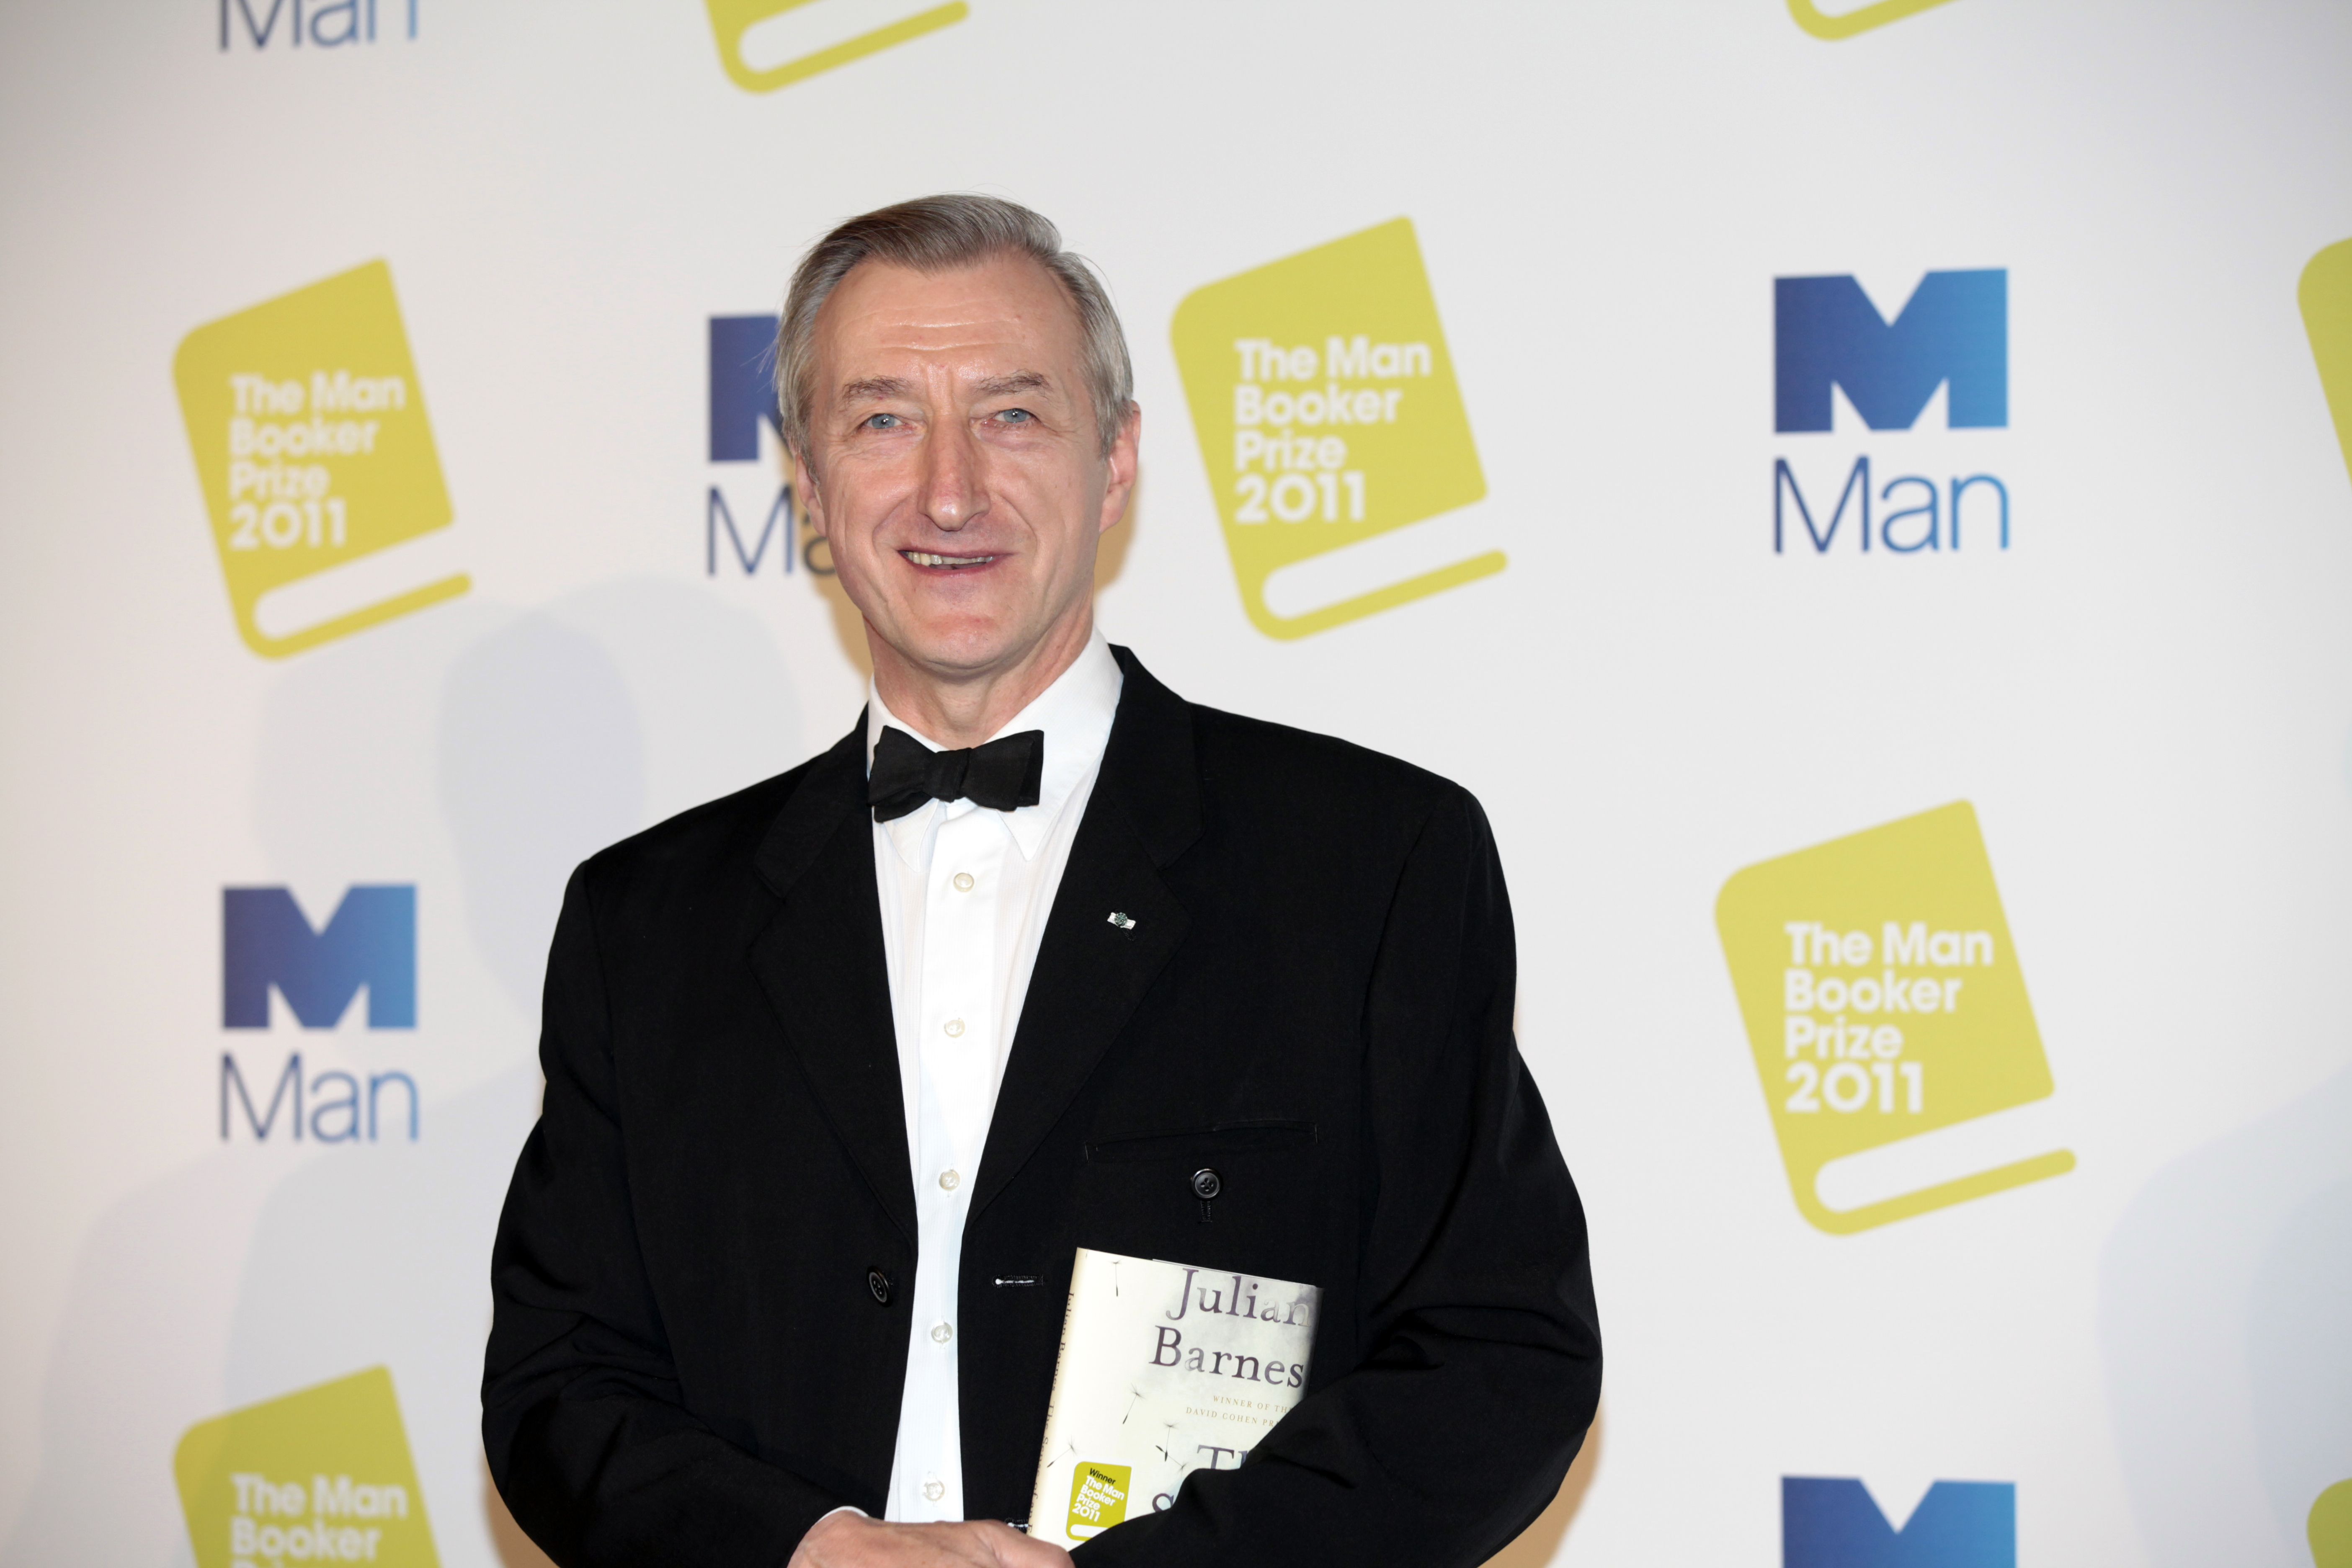 Julian Barnes: Man Booker Prize 2011 pentru ficțiune